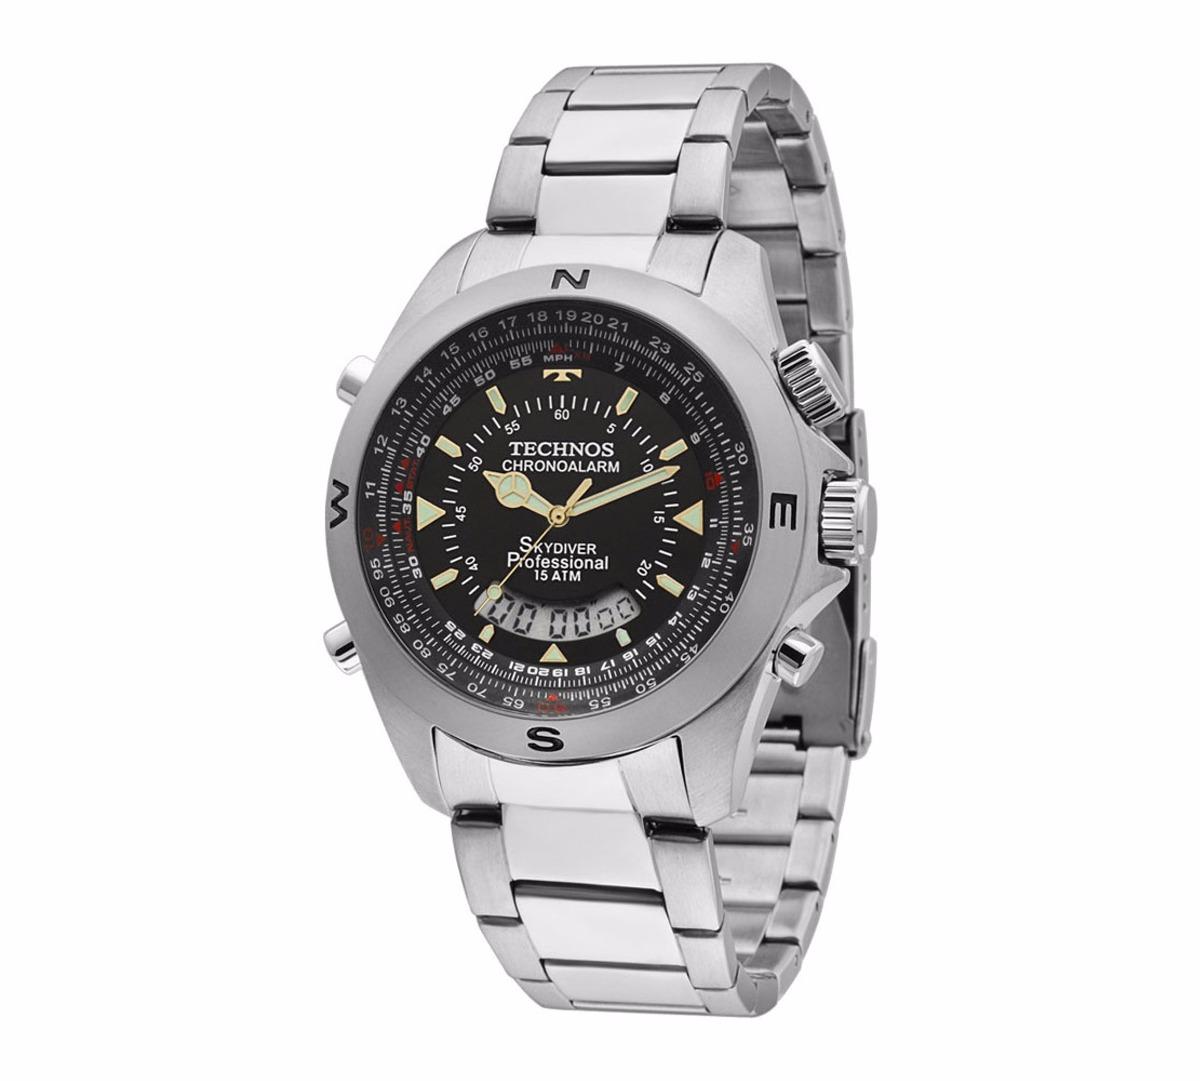 Relógio Technos Masculino Skydiver Pilot T20565 1p Anadigi - R  529,90 em  Mercado Livre 669d7ae590